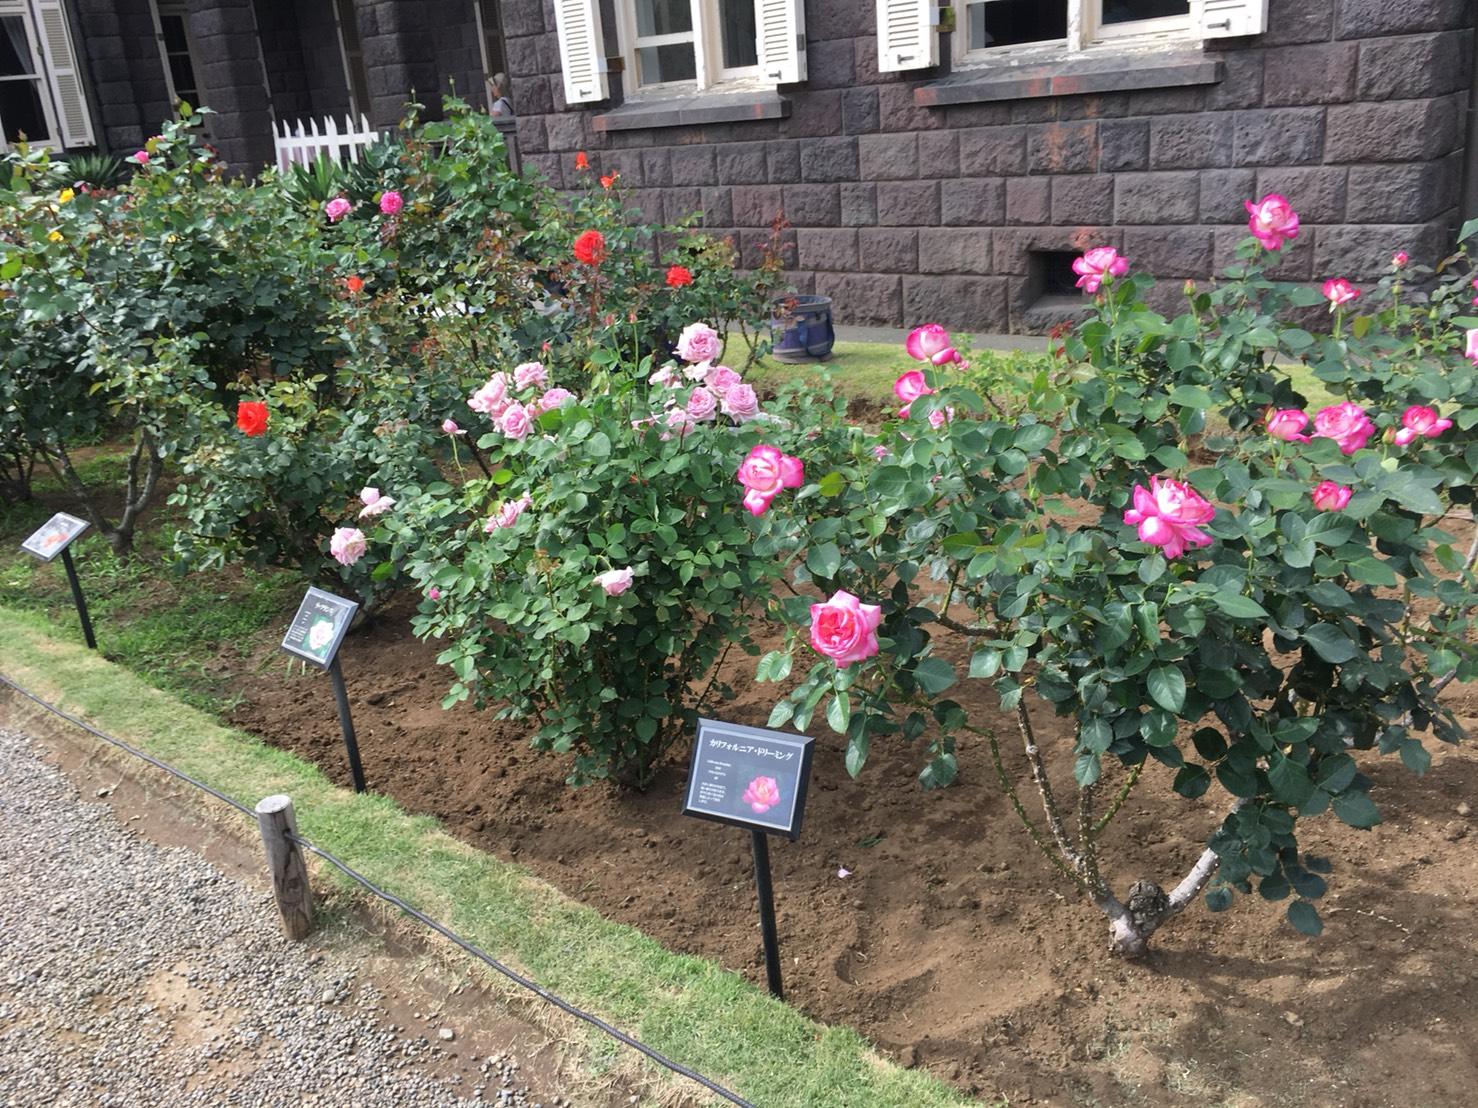 【上中里駅】バラが咲き誇る日英が混ざる庭園「旧古河庭園」のバラ園2